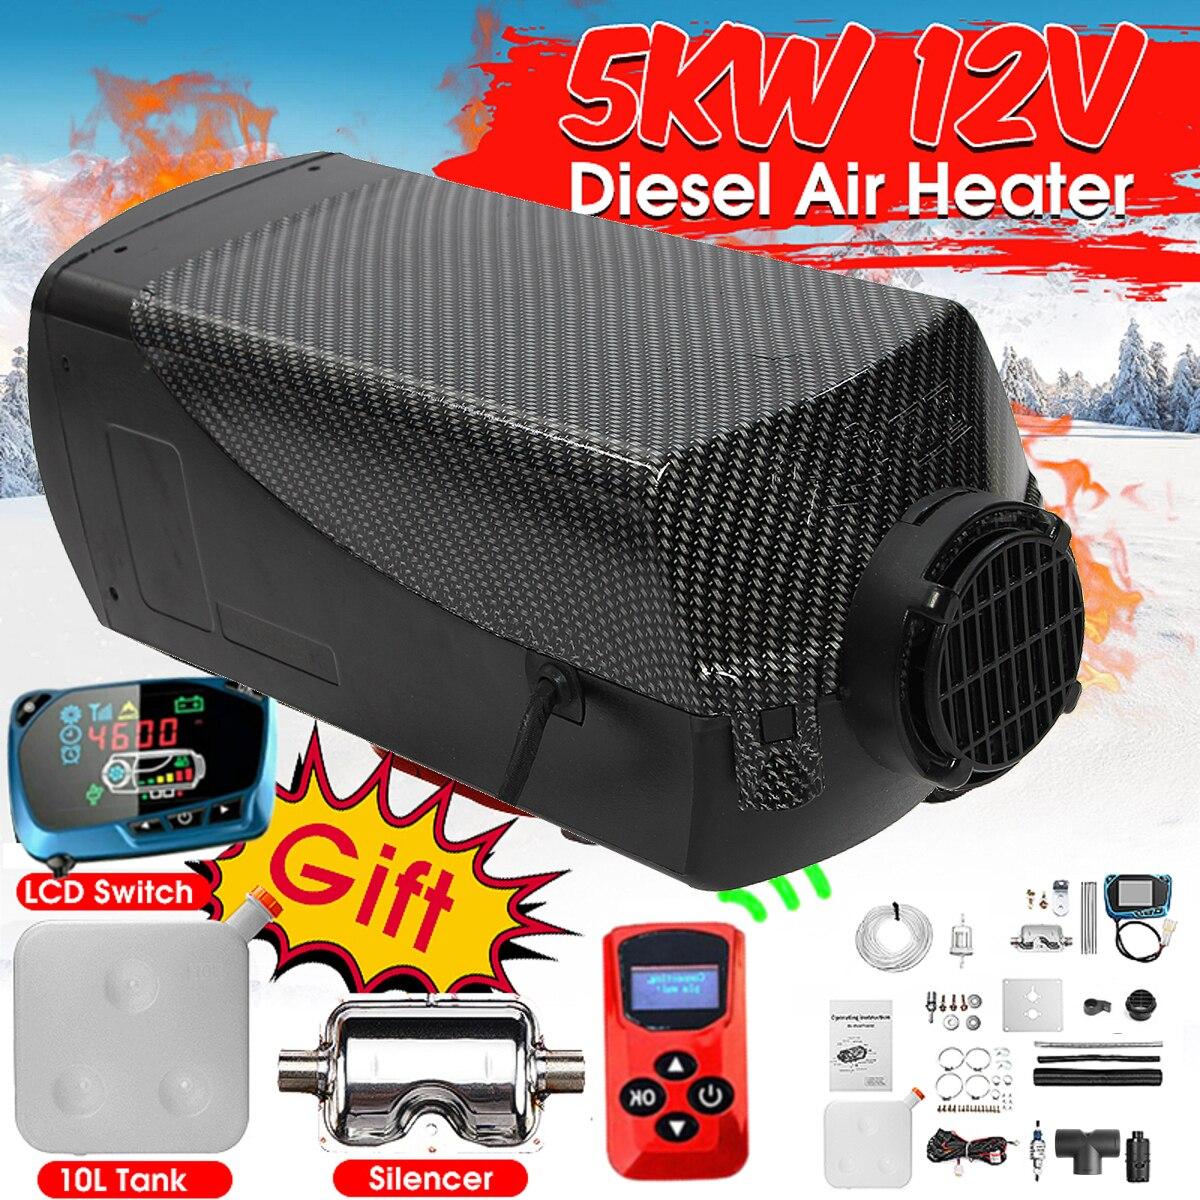 5000W Air diesels chauffage 5KW 12V Singal trou voiture chauffage pour camions camping-Car bateaux Bus + LCD interrupteur à clé + silencieux + télécommande